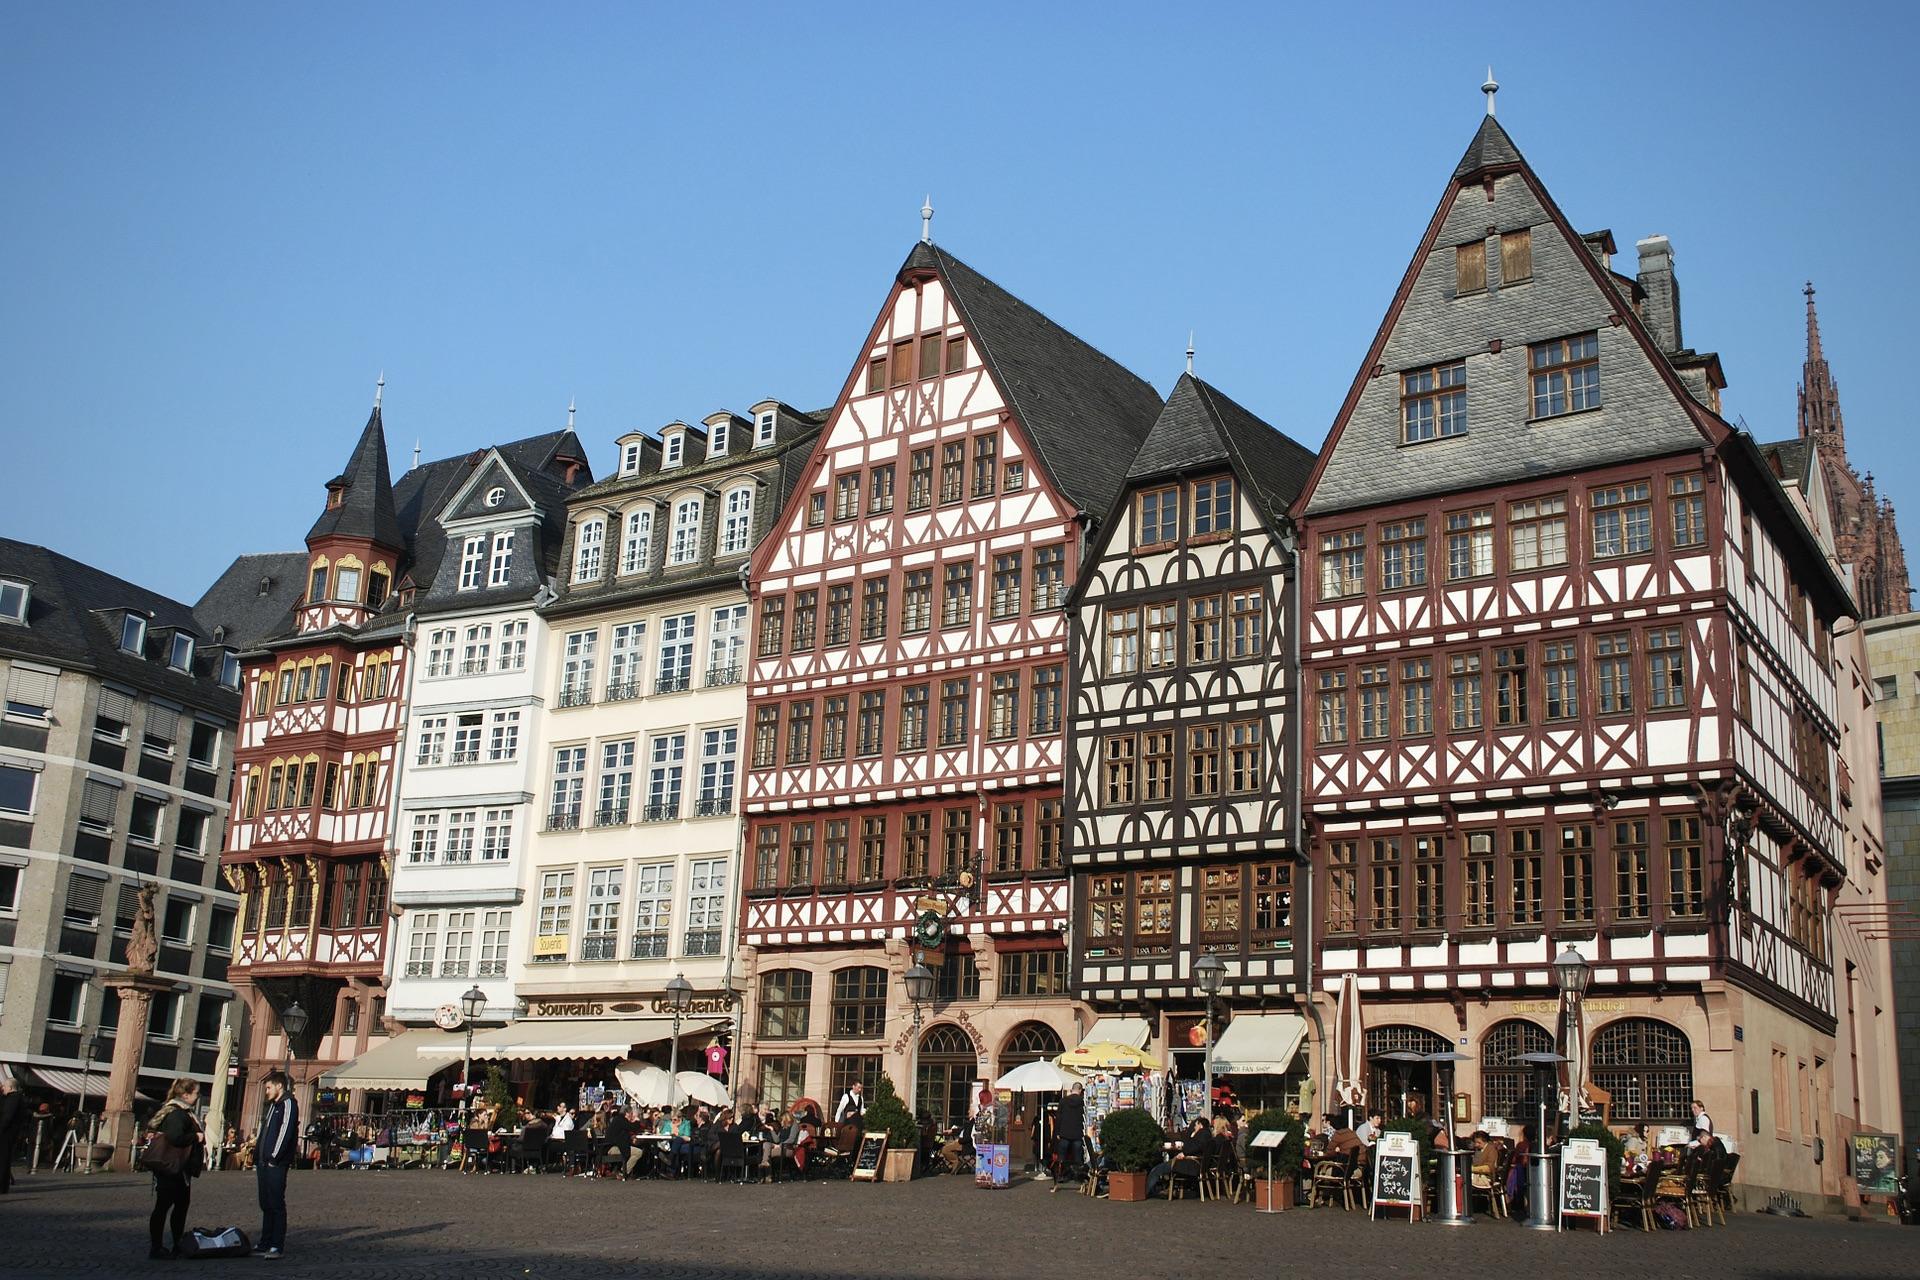 Frankfurt Römer und Römerberg gehören zu den besten Deutschland Sehenswürdigkeiten